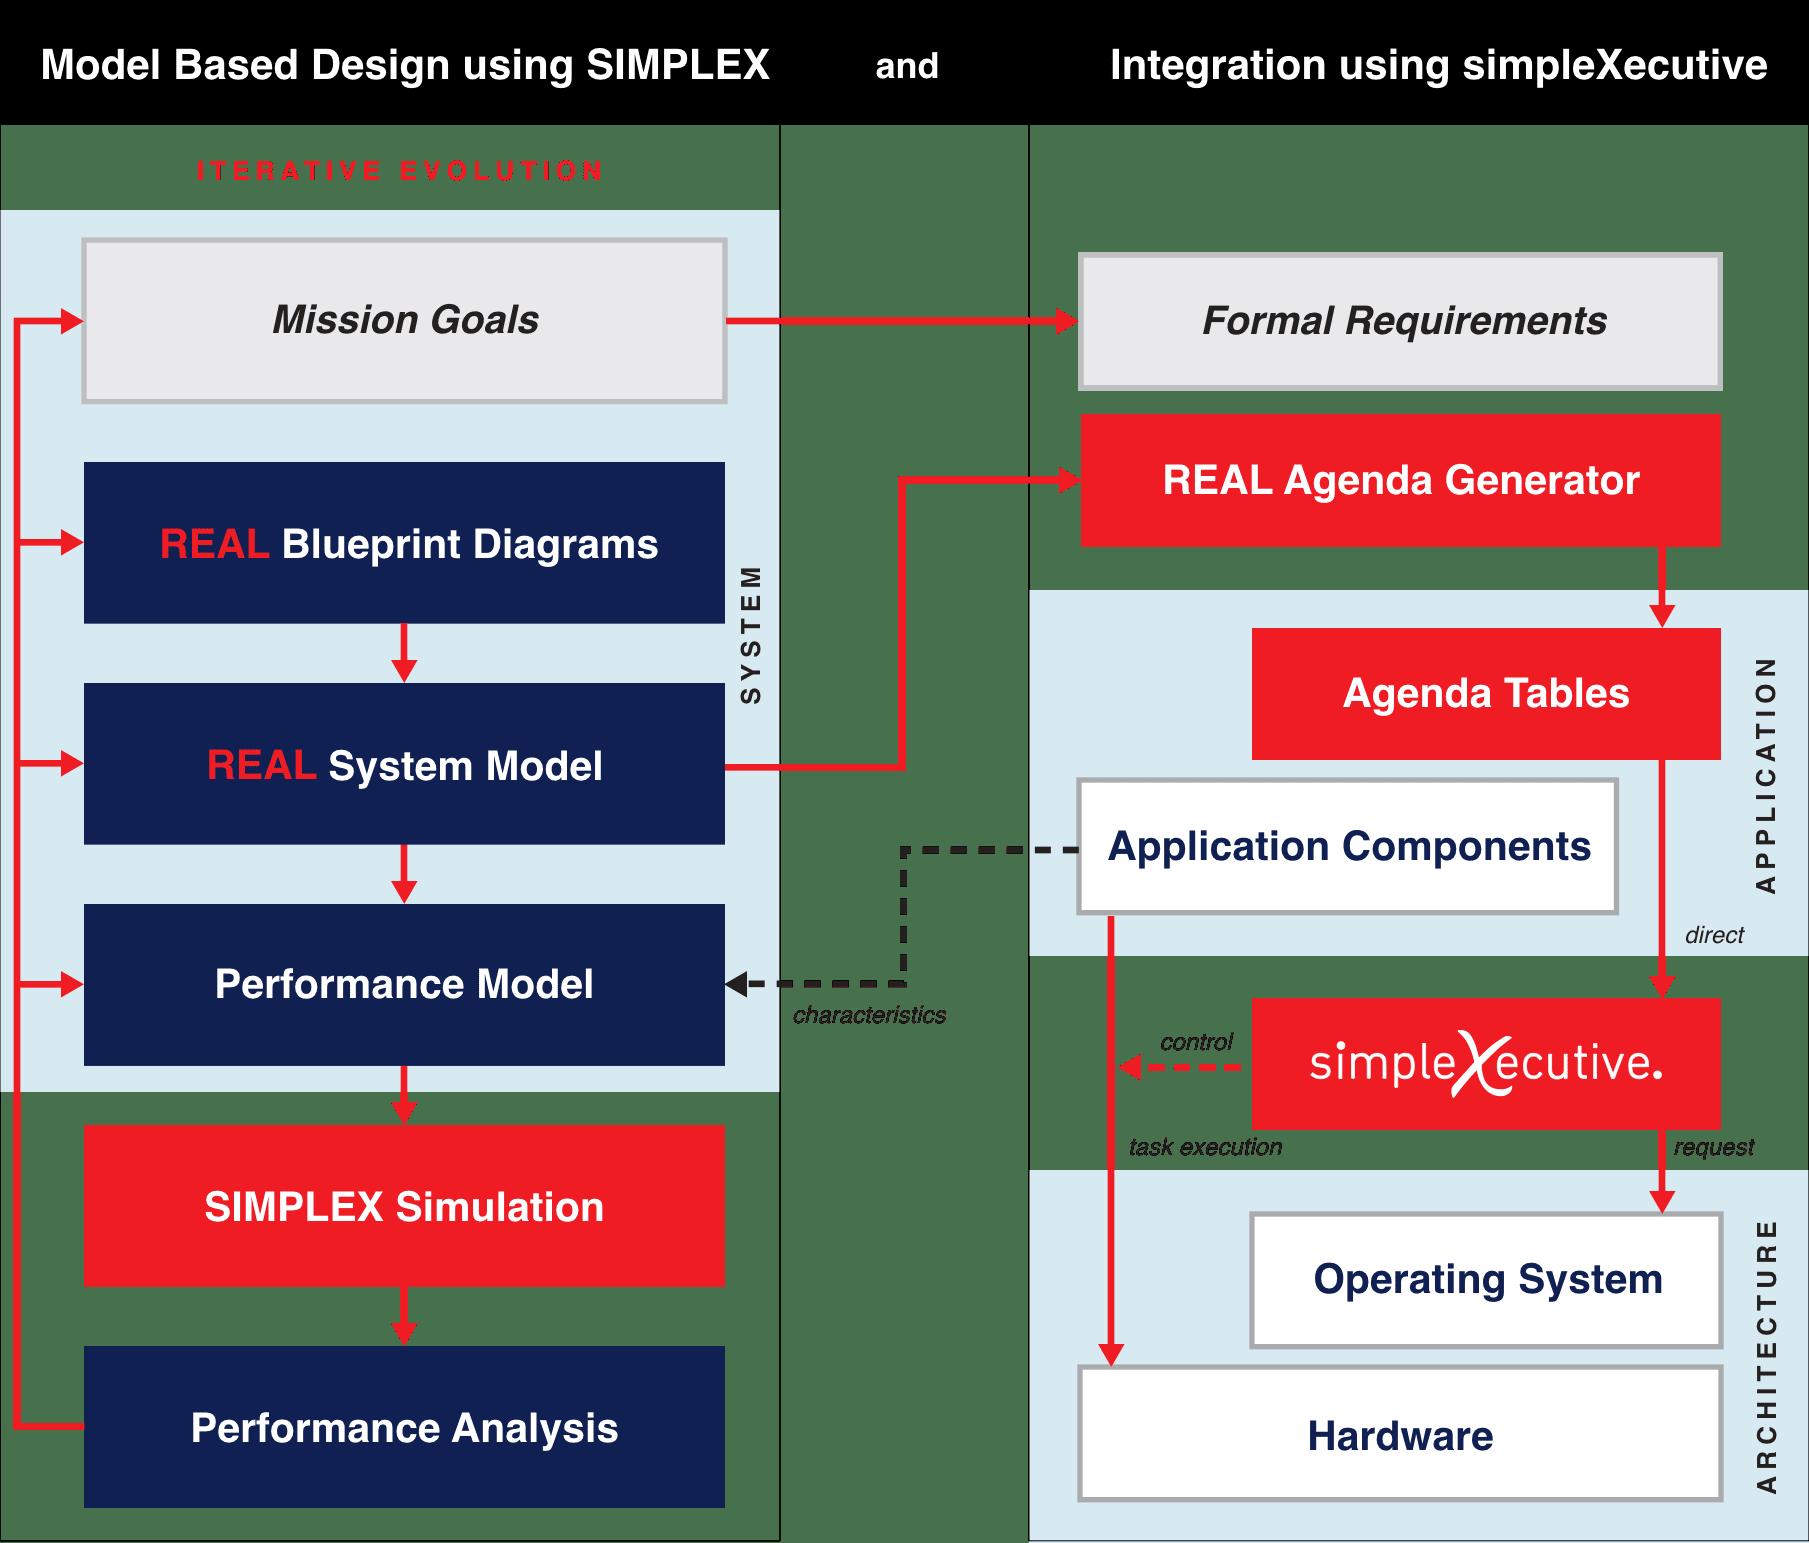 perfModel.png